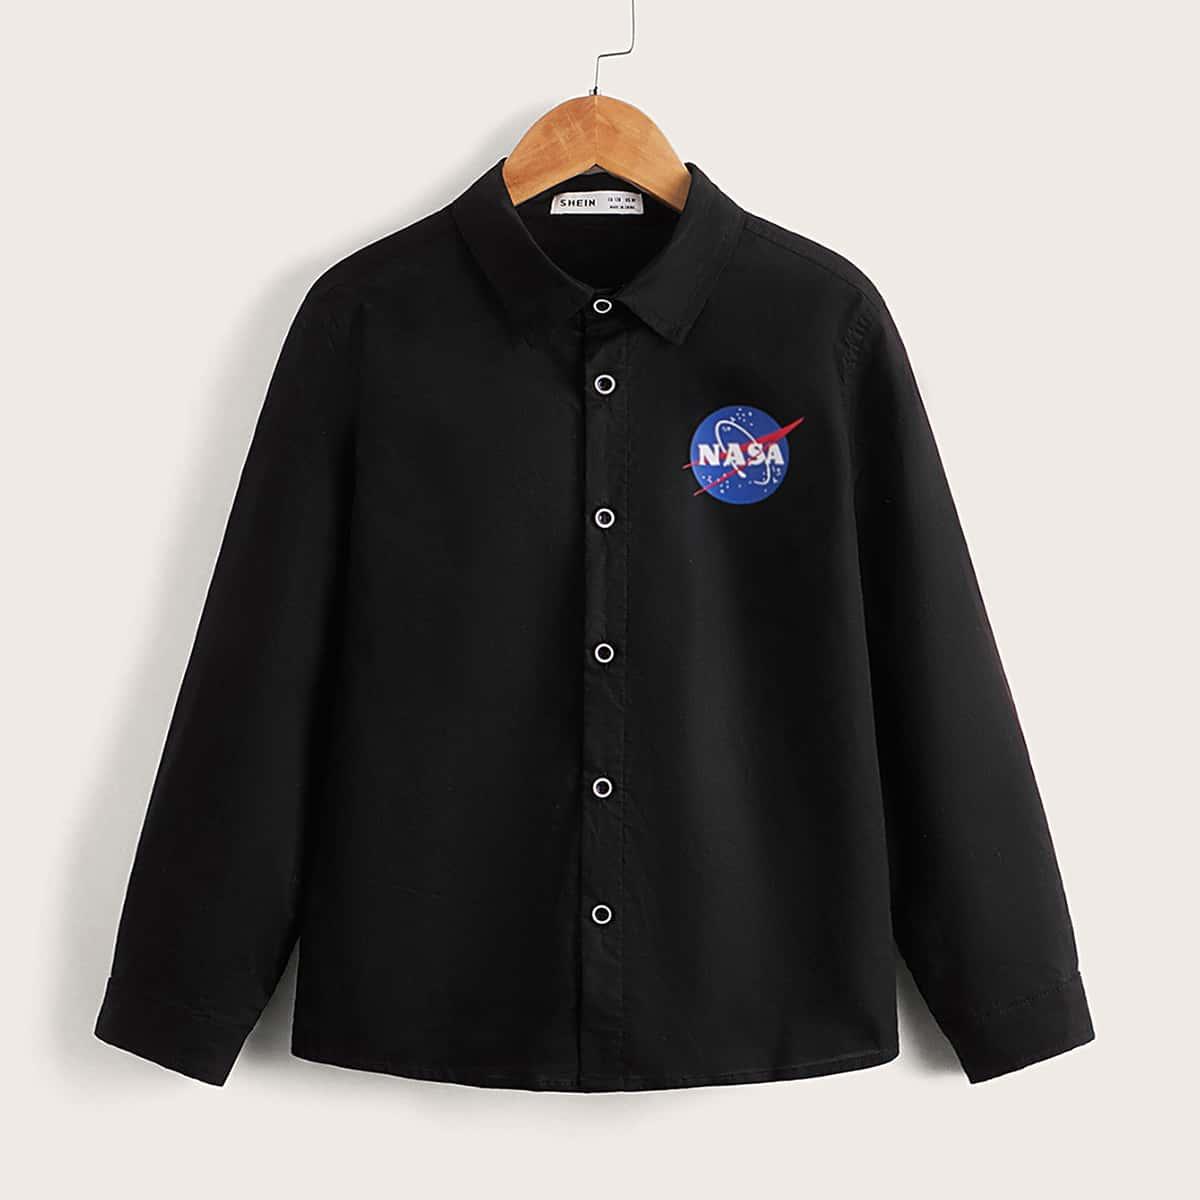 для мальчиков Рубашка с текстовым принтом